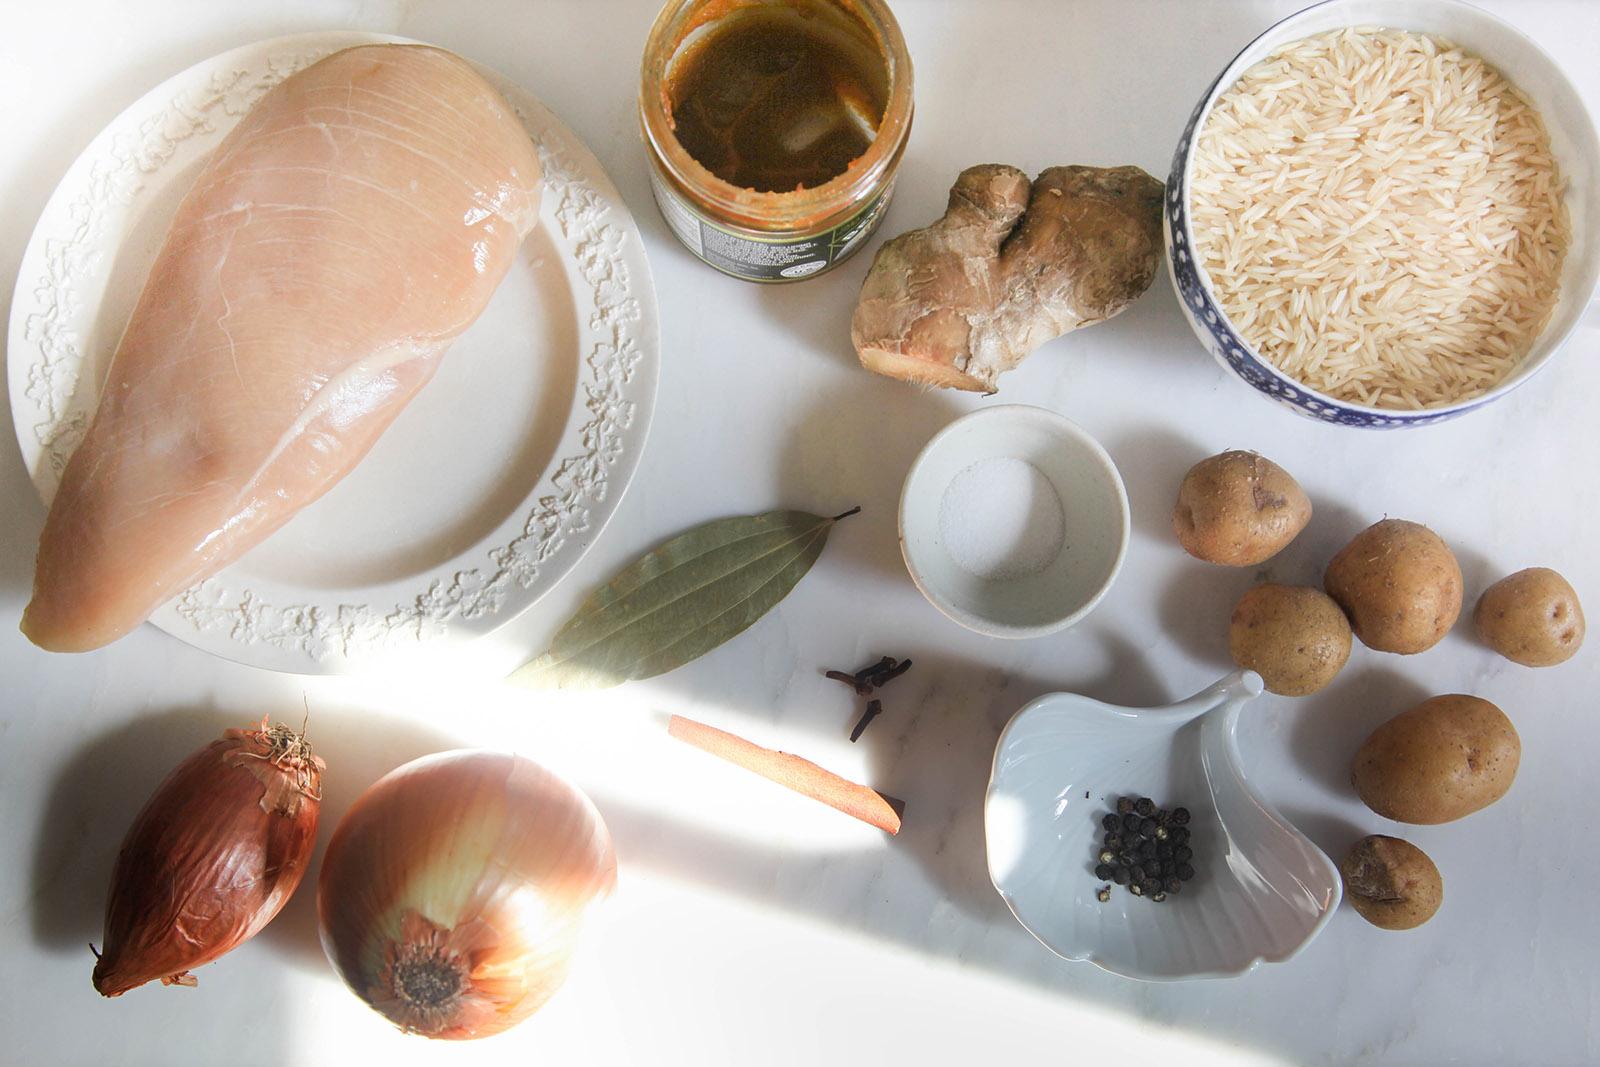 ingredients for pish pash